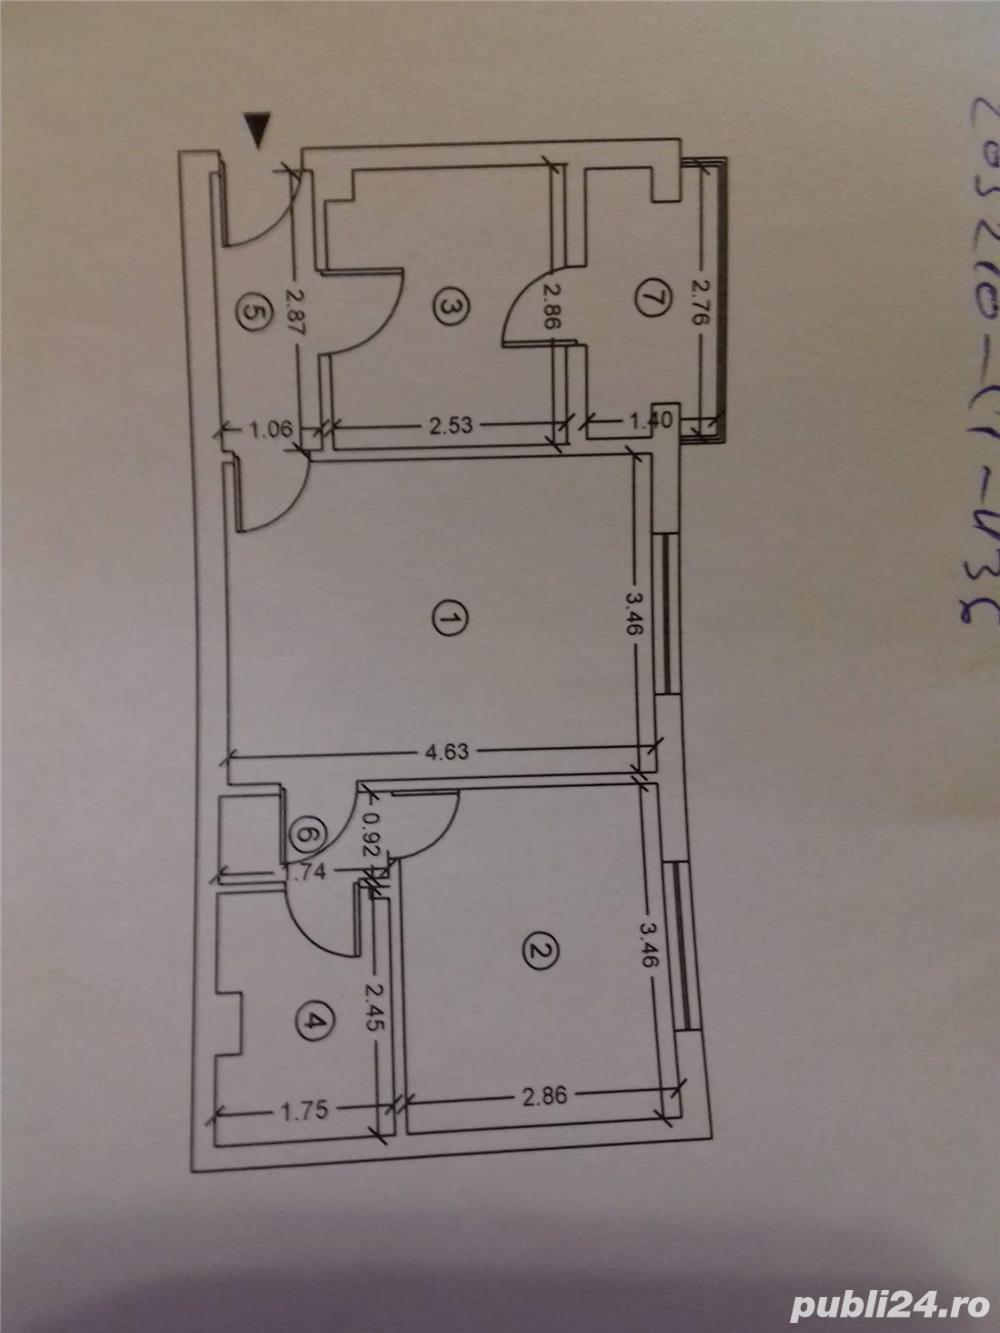 Vand apartament 2 camere 41000 euro negociabil